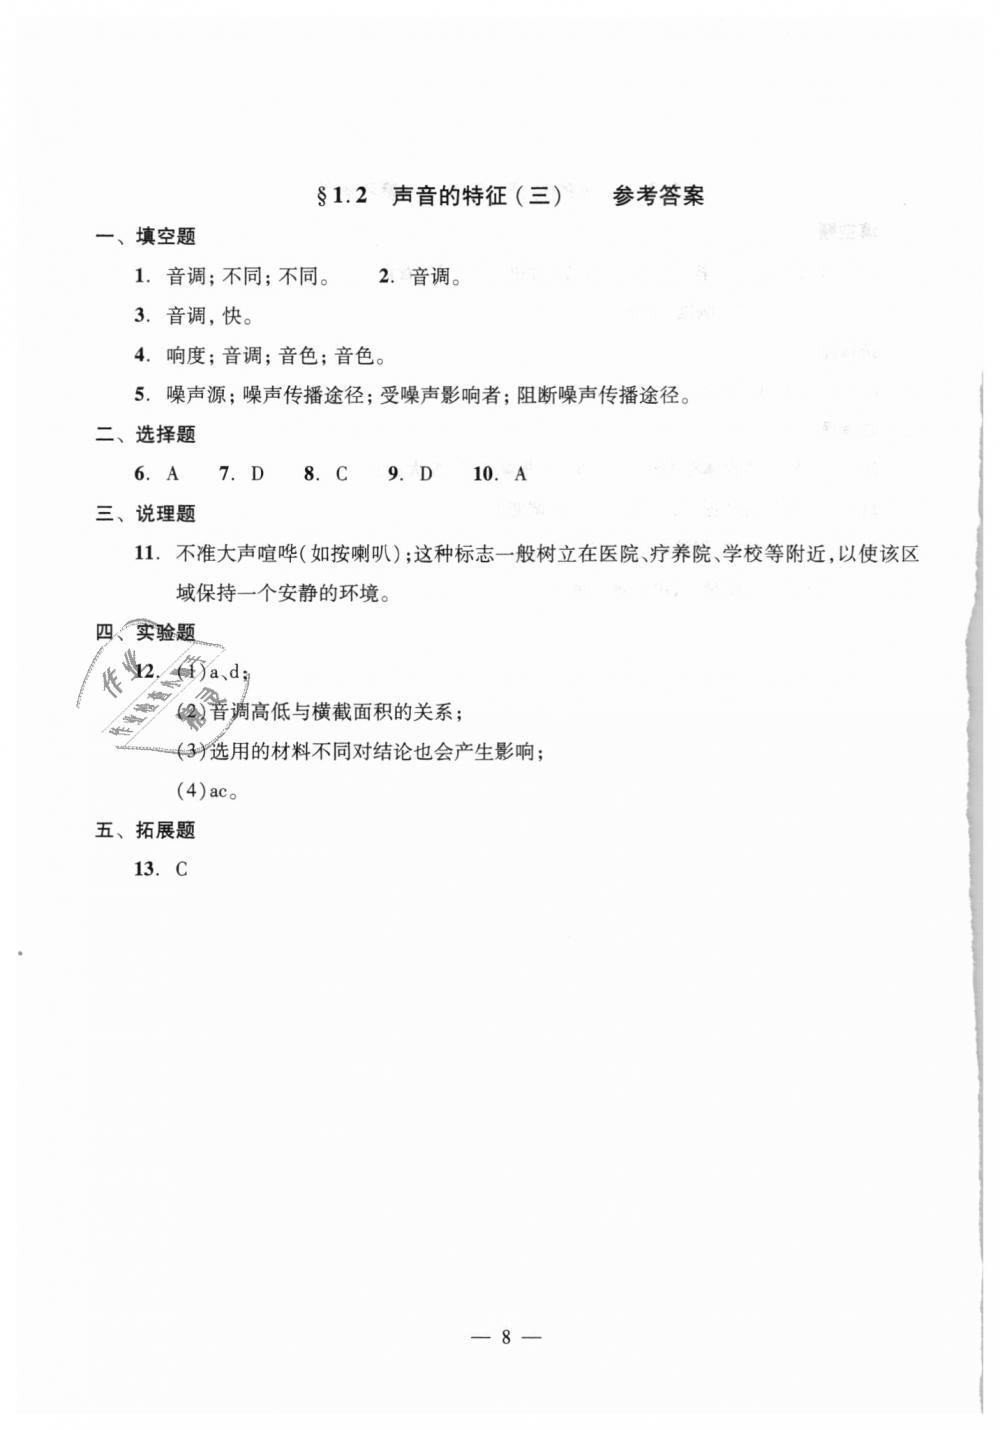 2018年初中物理双基过关堂堂练八年级全一册沪教版第8页